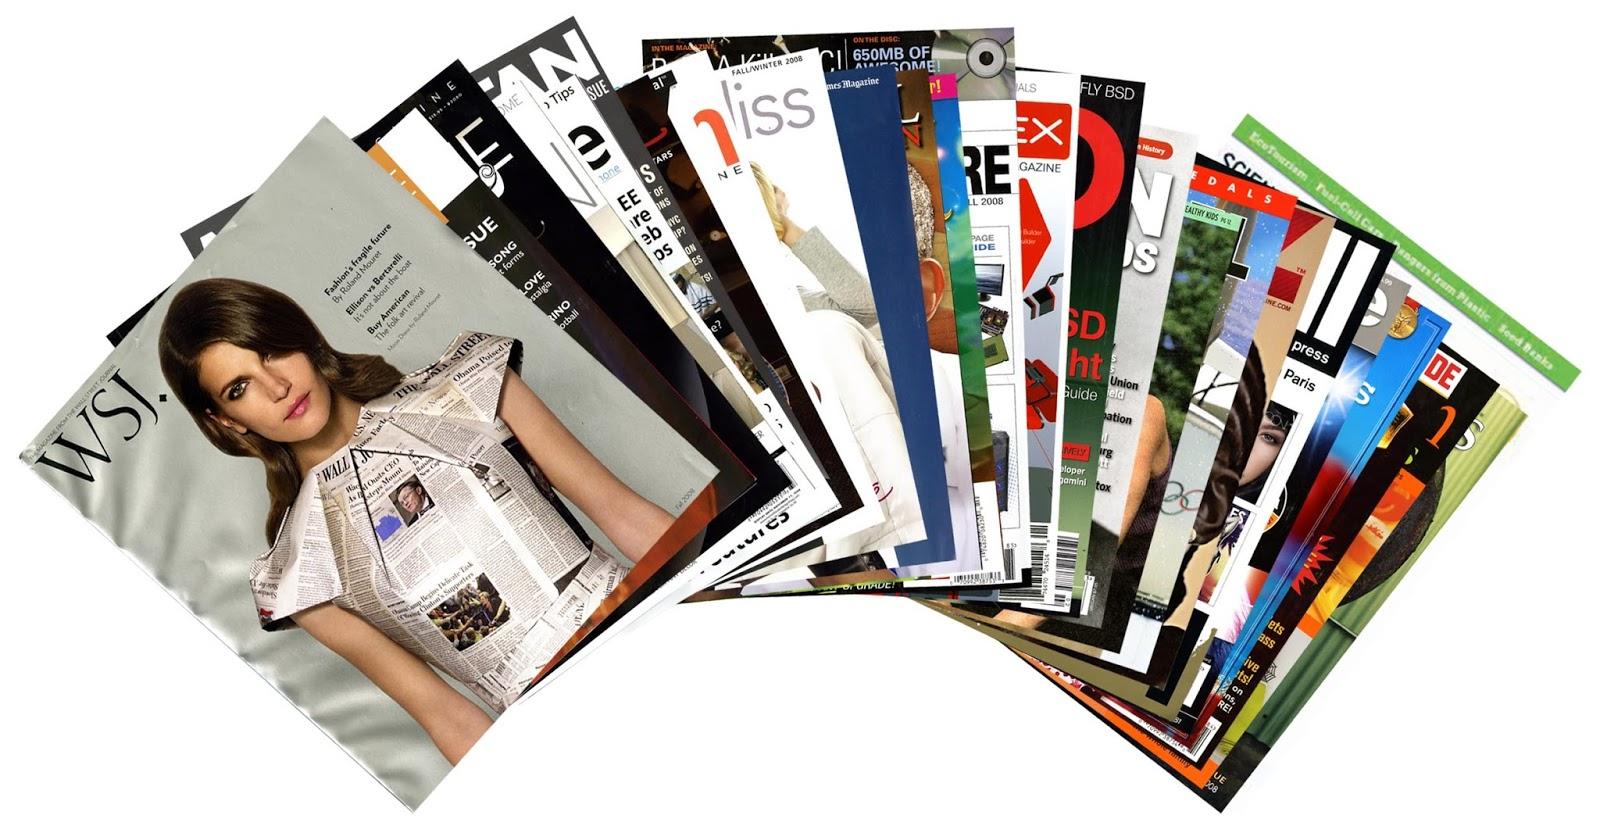 Печать переодических журналов в Москве | фото 1